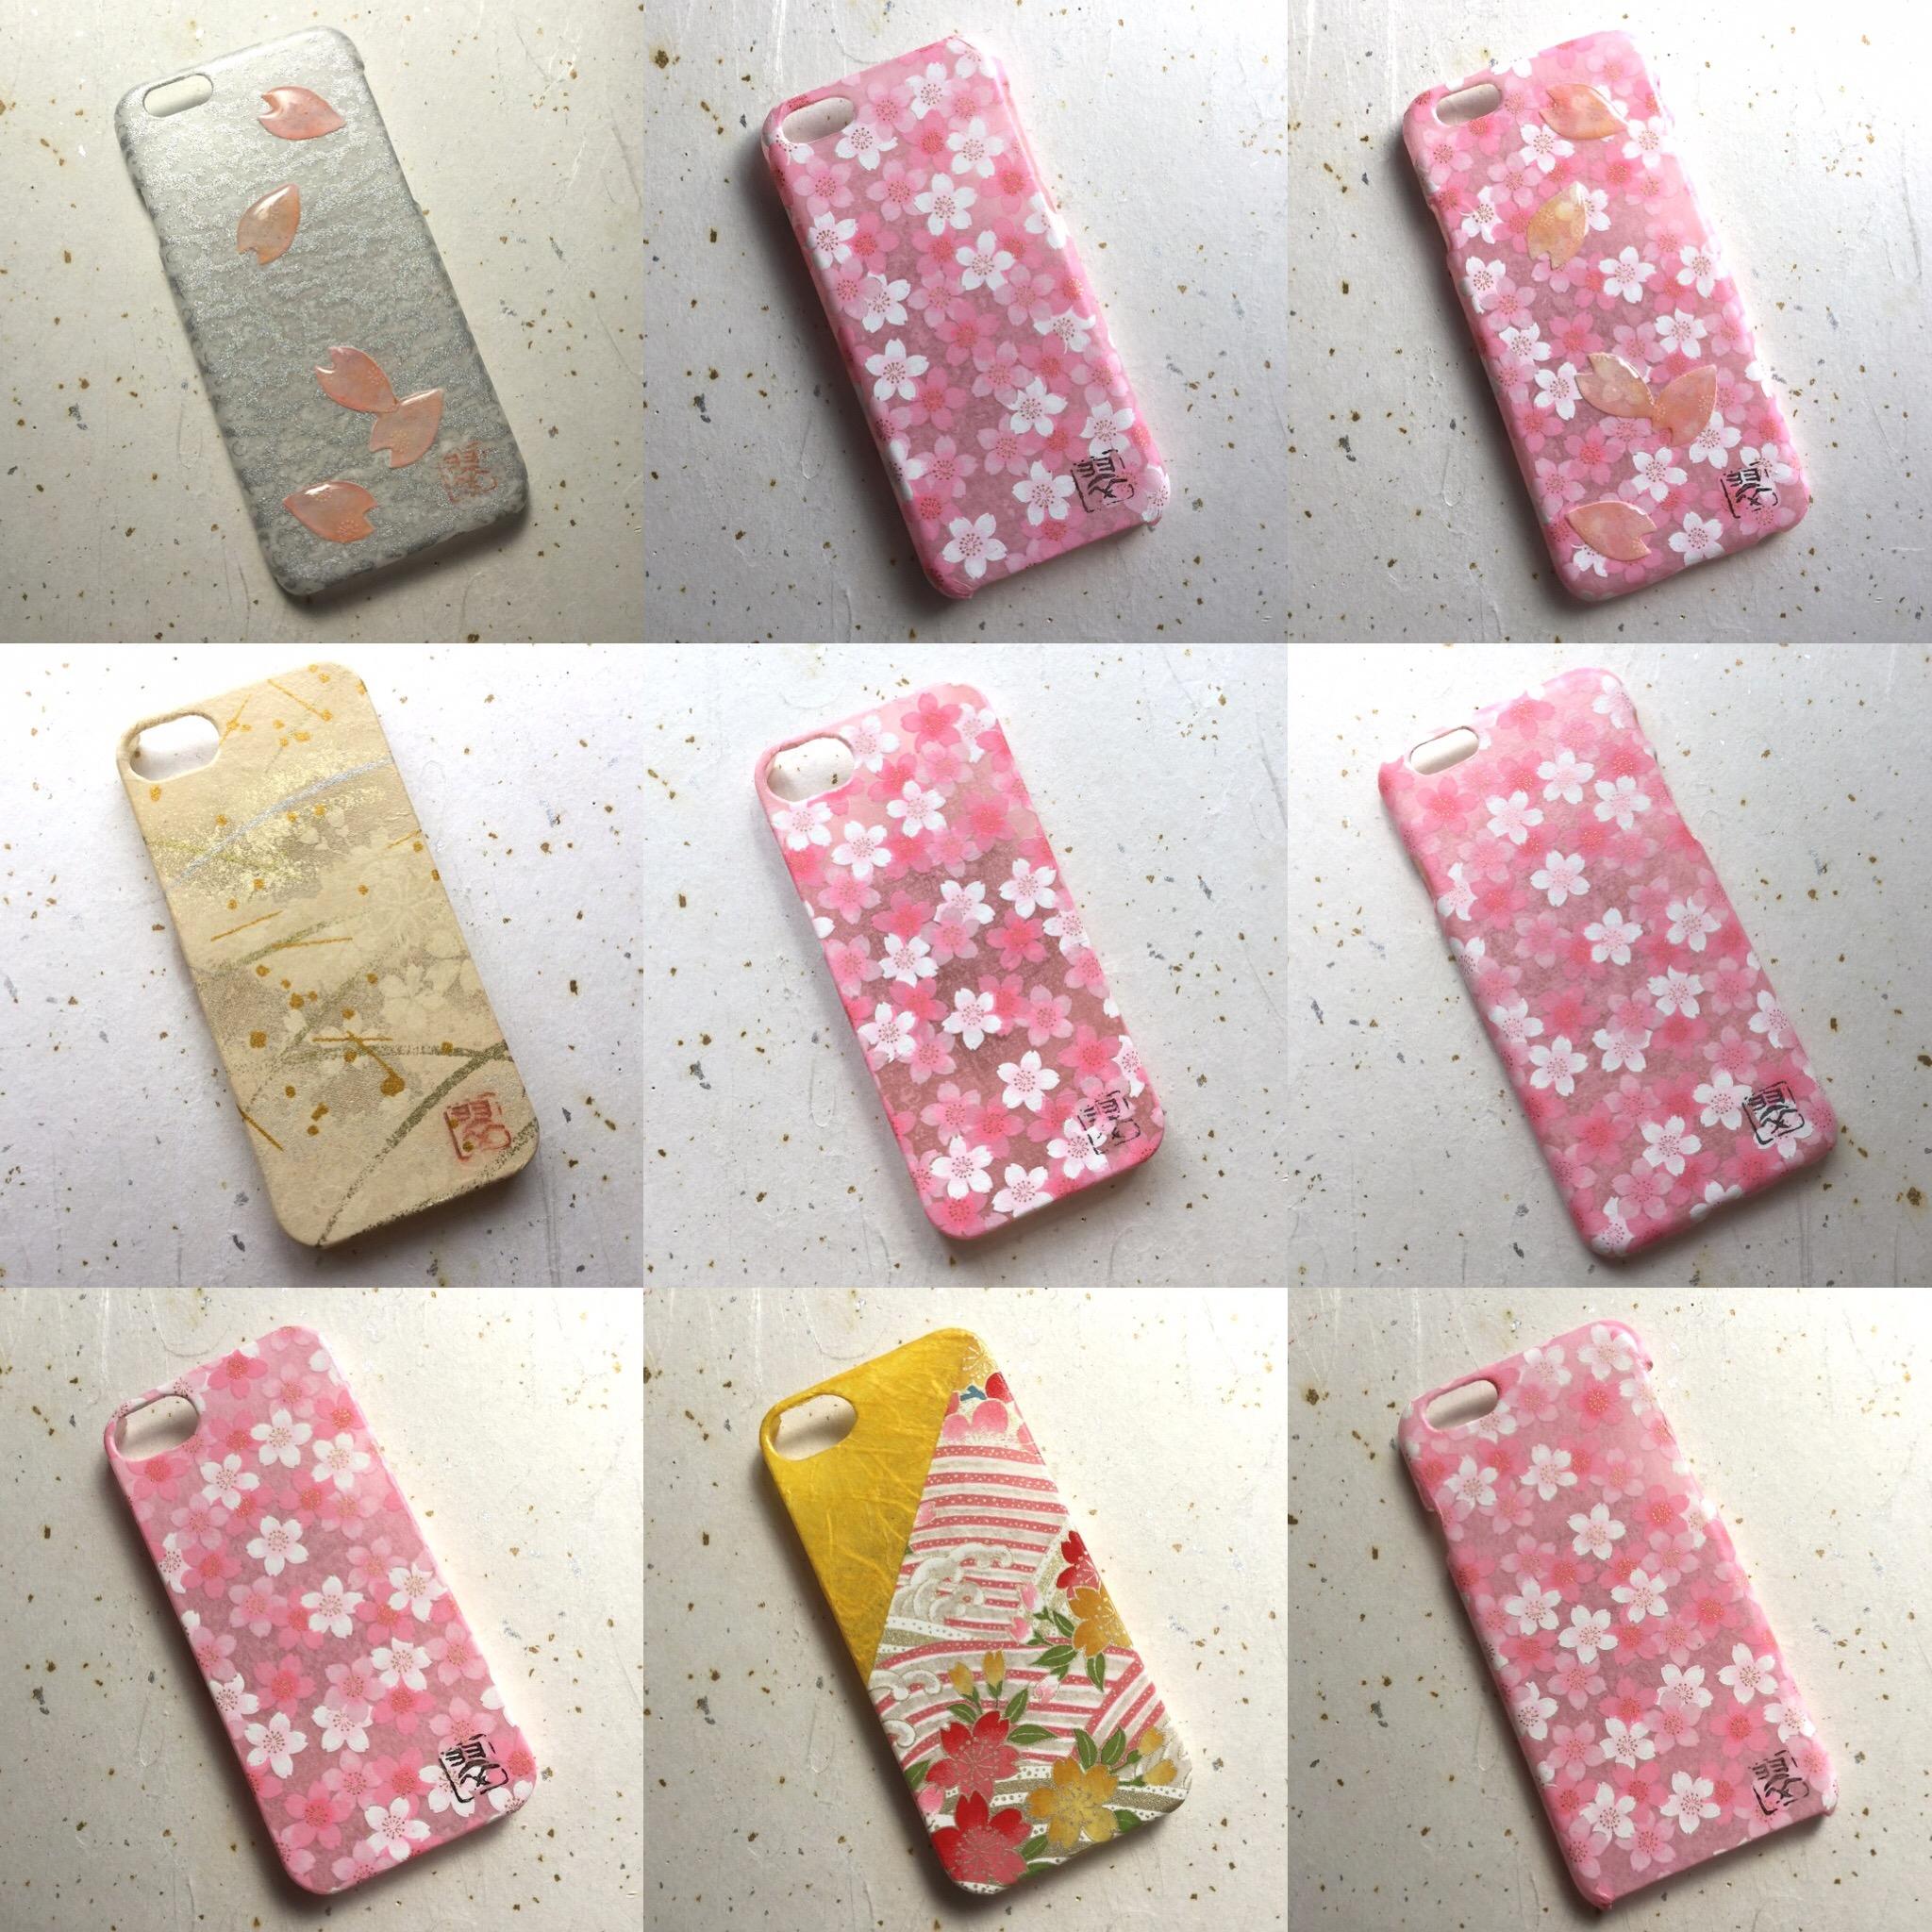 受注製作iPhone・スマホカバー⑥ 和紙スマホカバー 和紙iPhoneカバー iPhoneカバー スマホカバー 和紙 和柄 和風 友禅和紙 モダン 桜